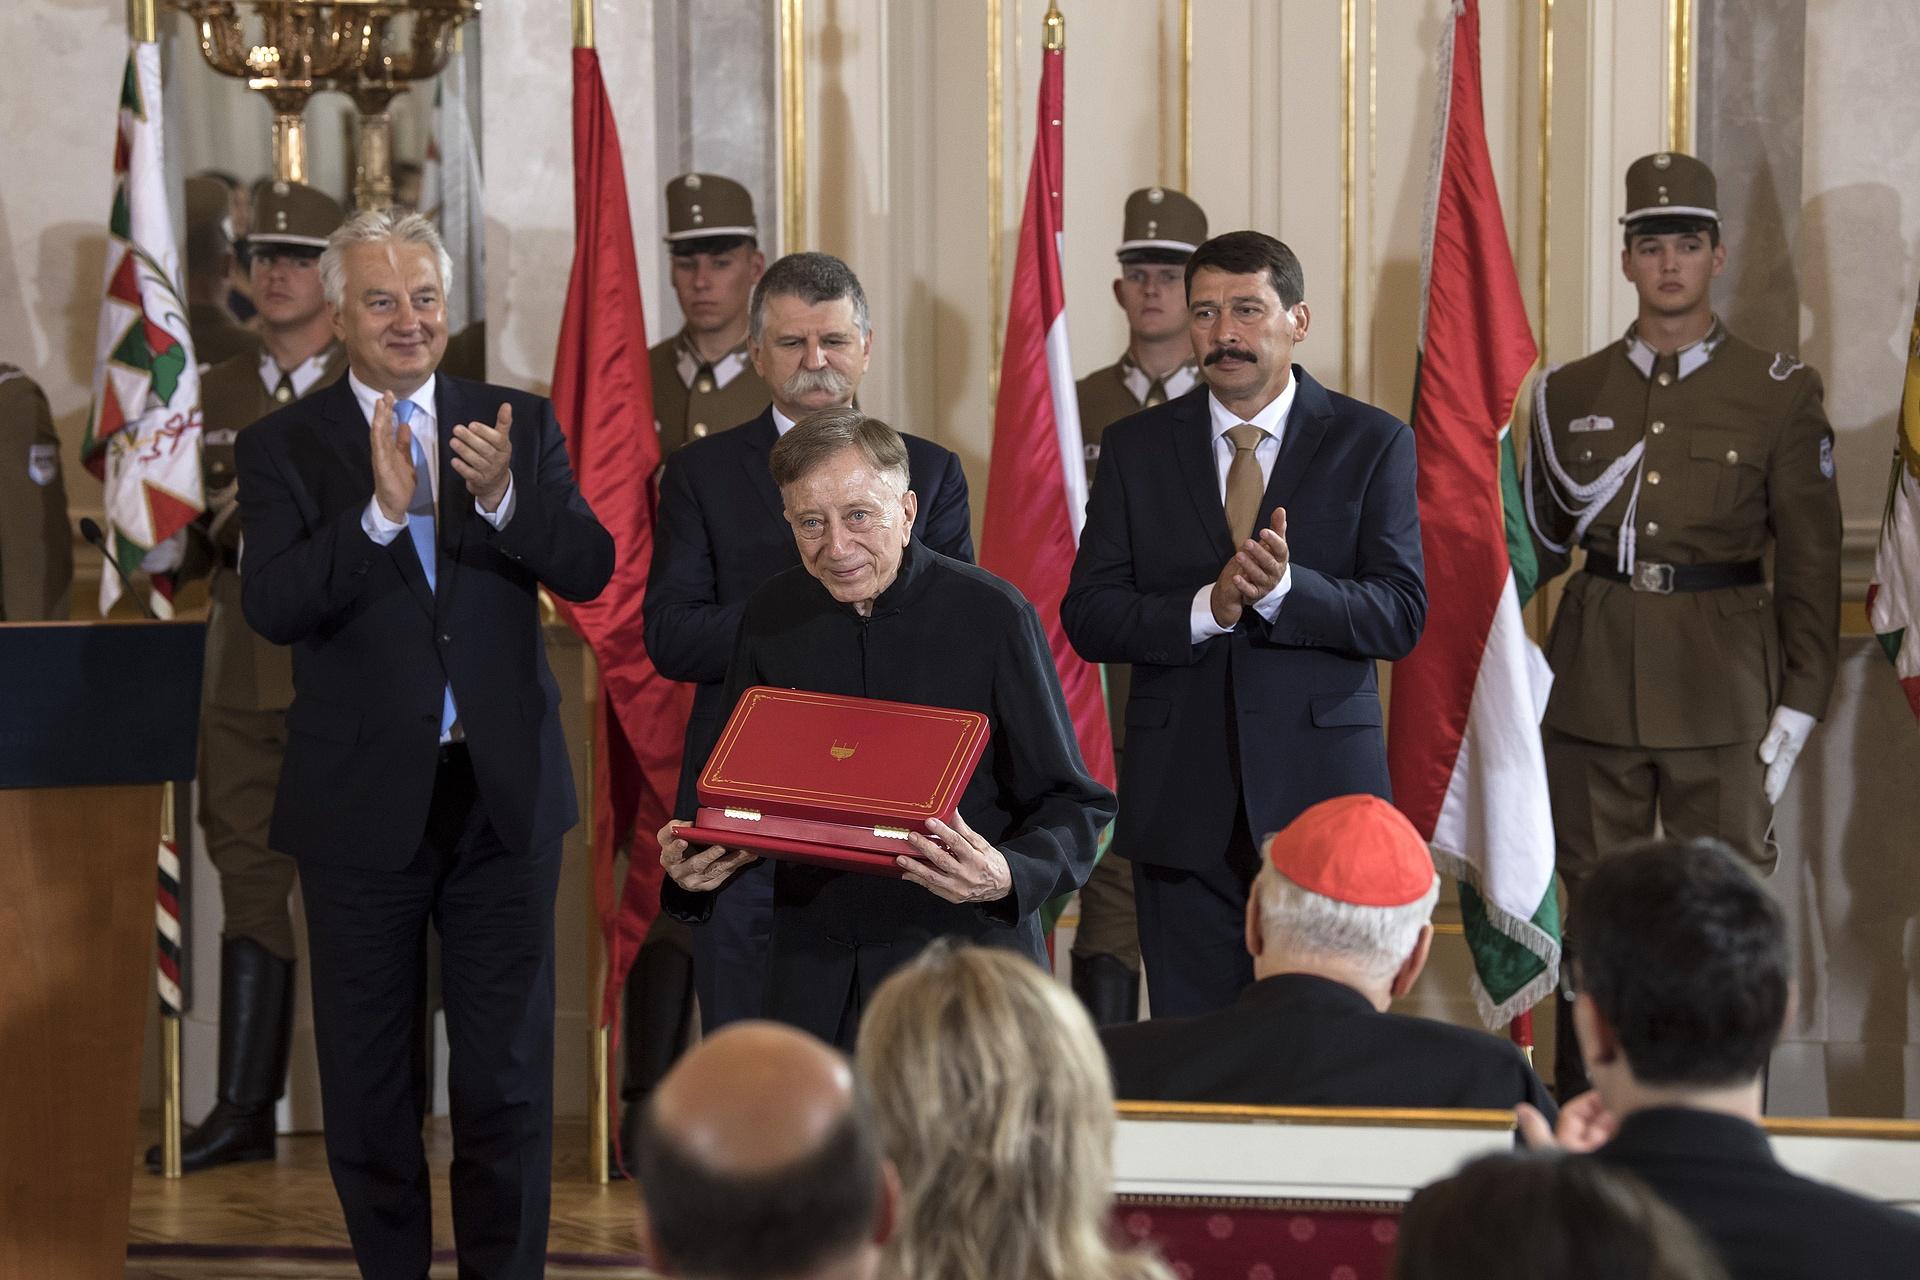 Vásáry Tamást, Bogányi Tibort és Hámori Mátét is kitüntették augusztus 20-án